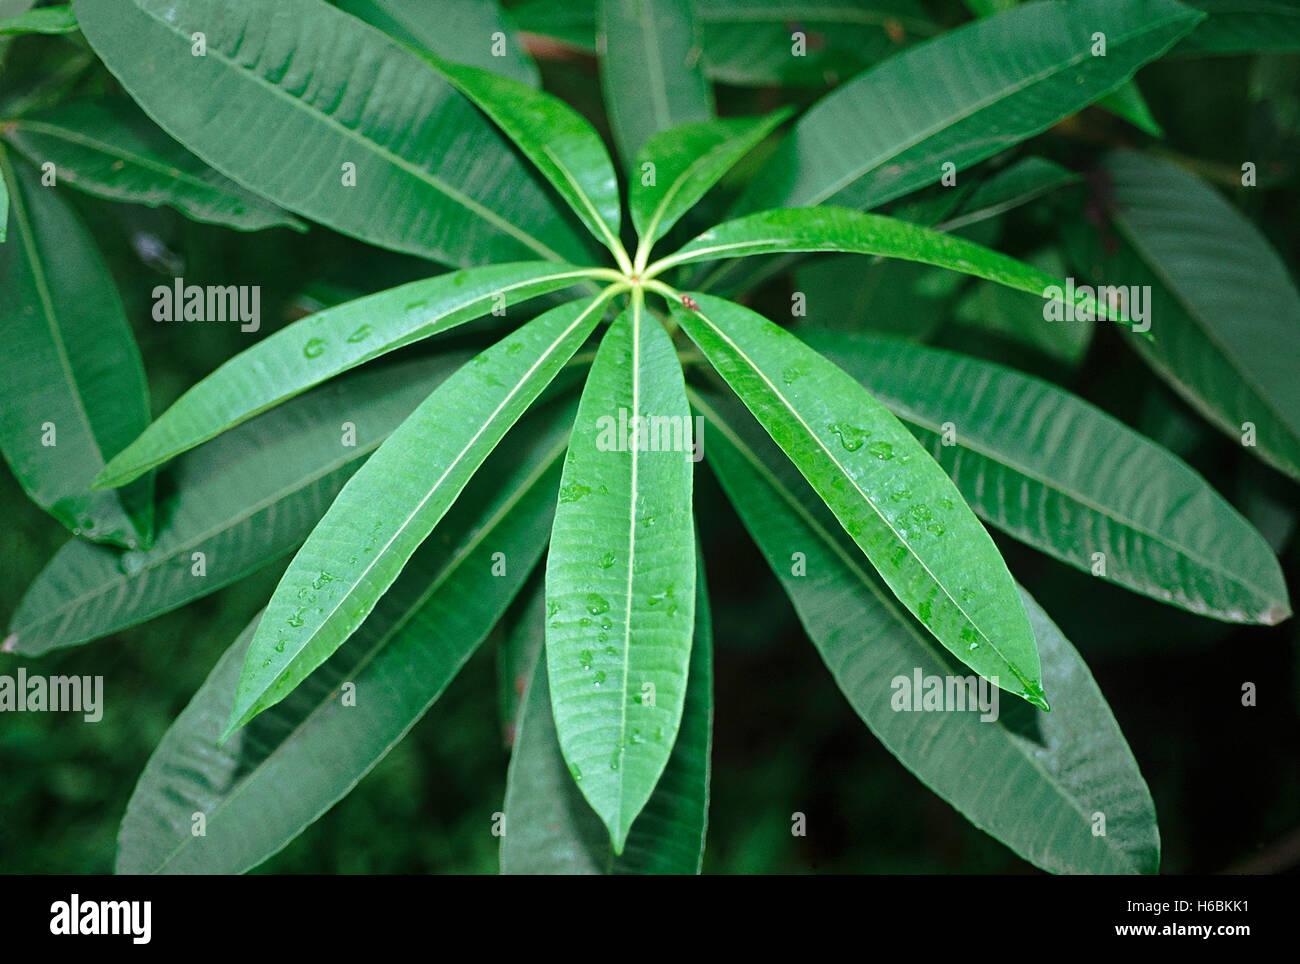 Alstonia. Notre famille: apocyanaceae. l'arbre du diable. un élégant Conifère à feuillage et branches verticillées. accordi Banque D'Images